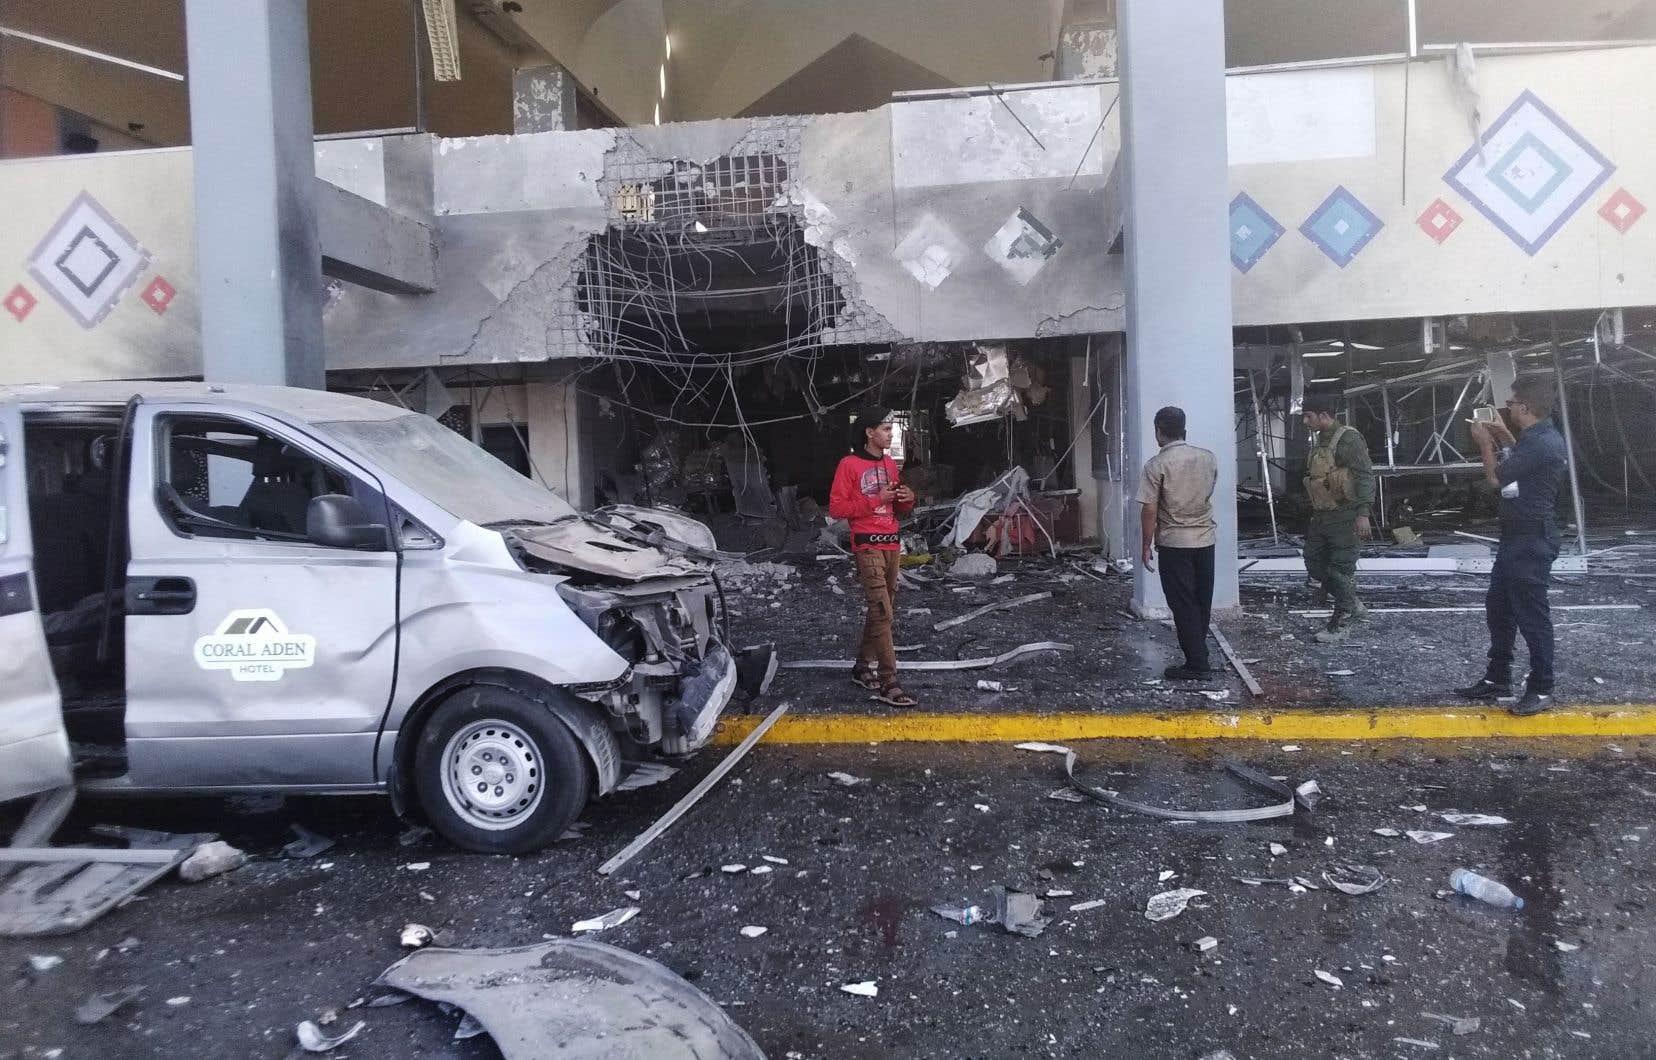 Selon un correspondant de l'AFP, au moins deux explosions se sont produites lorsque l'avion qui transportait le gouvernement a atterri et que les responsables ont commencé à sortir de l'appareil.